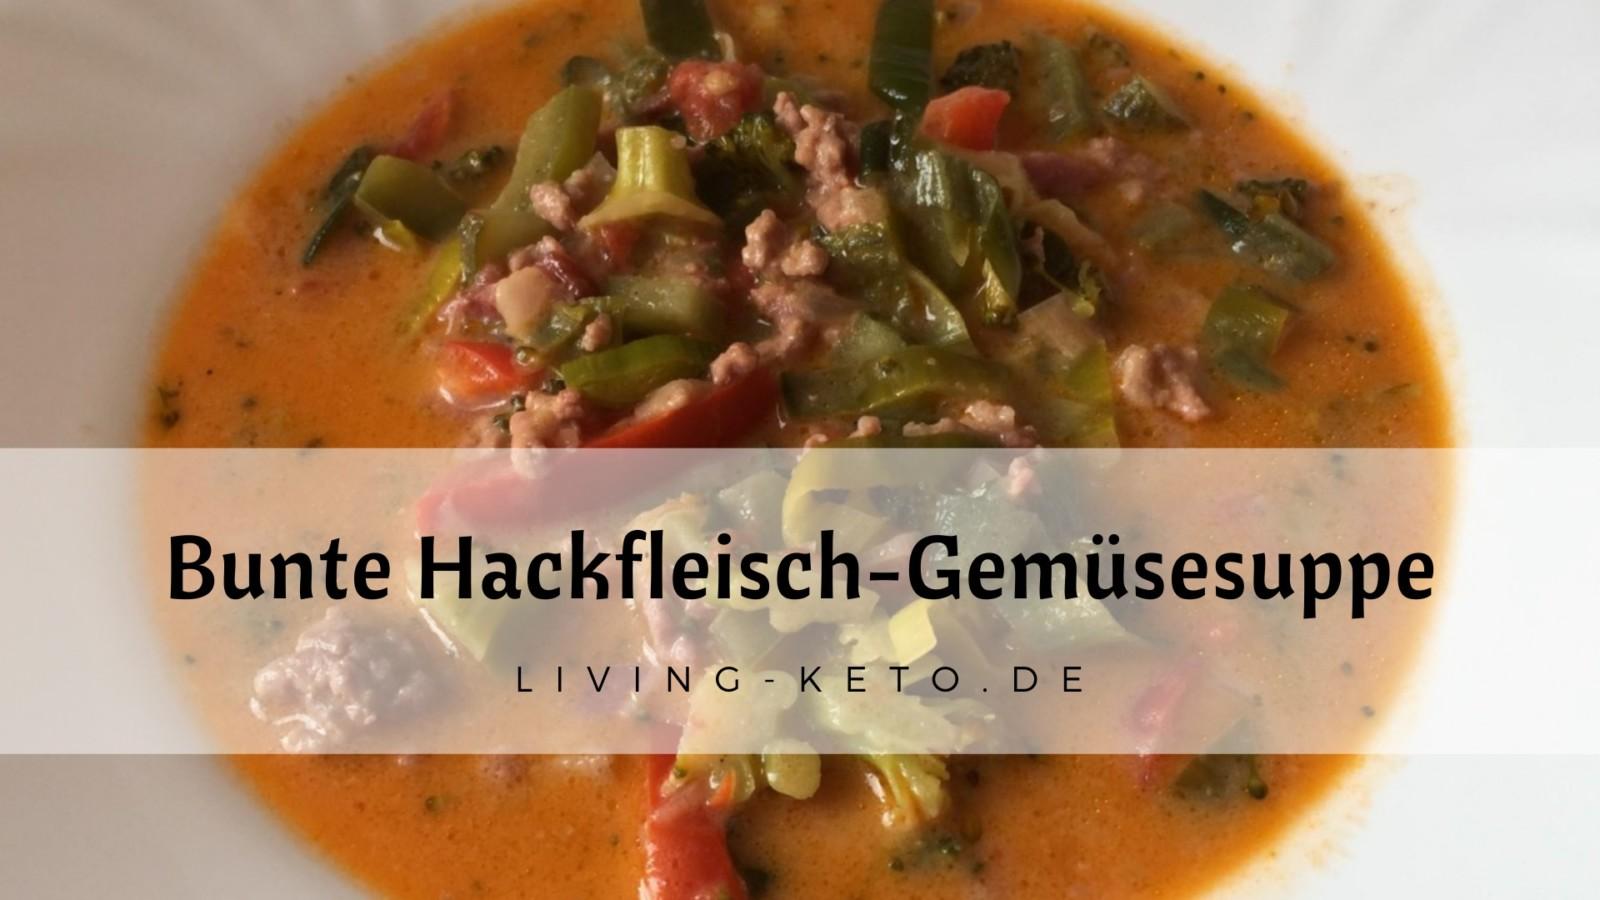 Bunte Keto Hackfleisch-Gemüse-Suppe